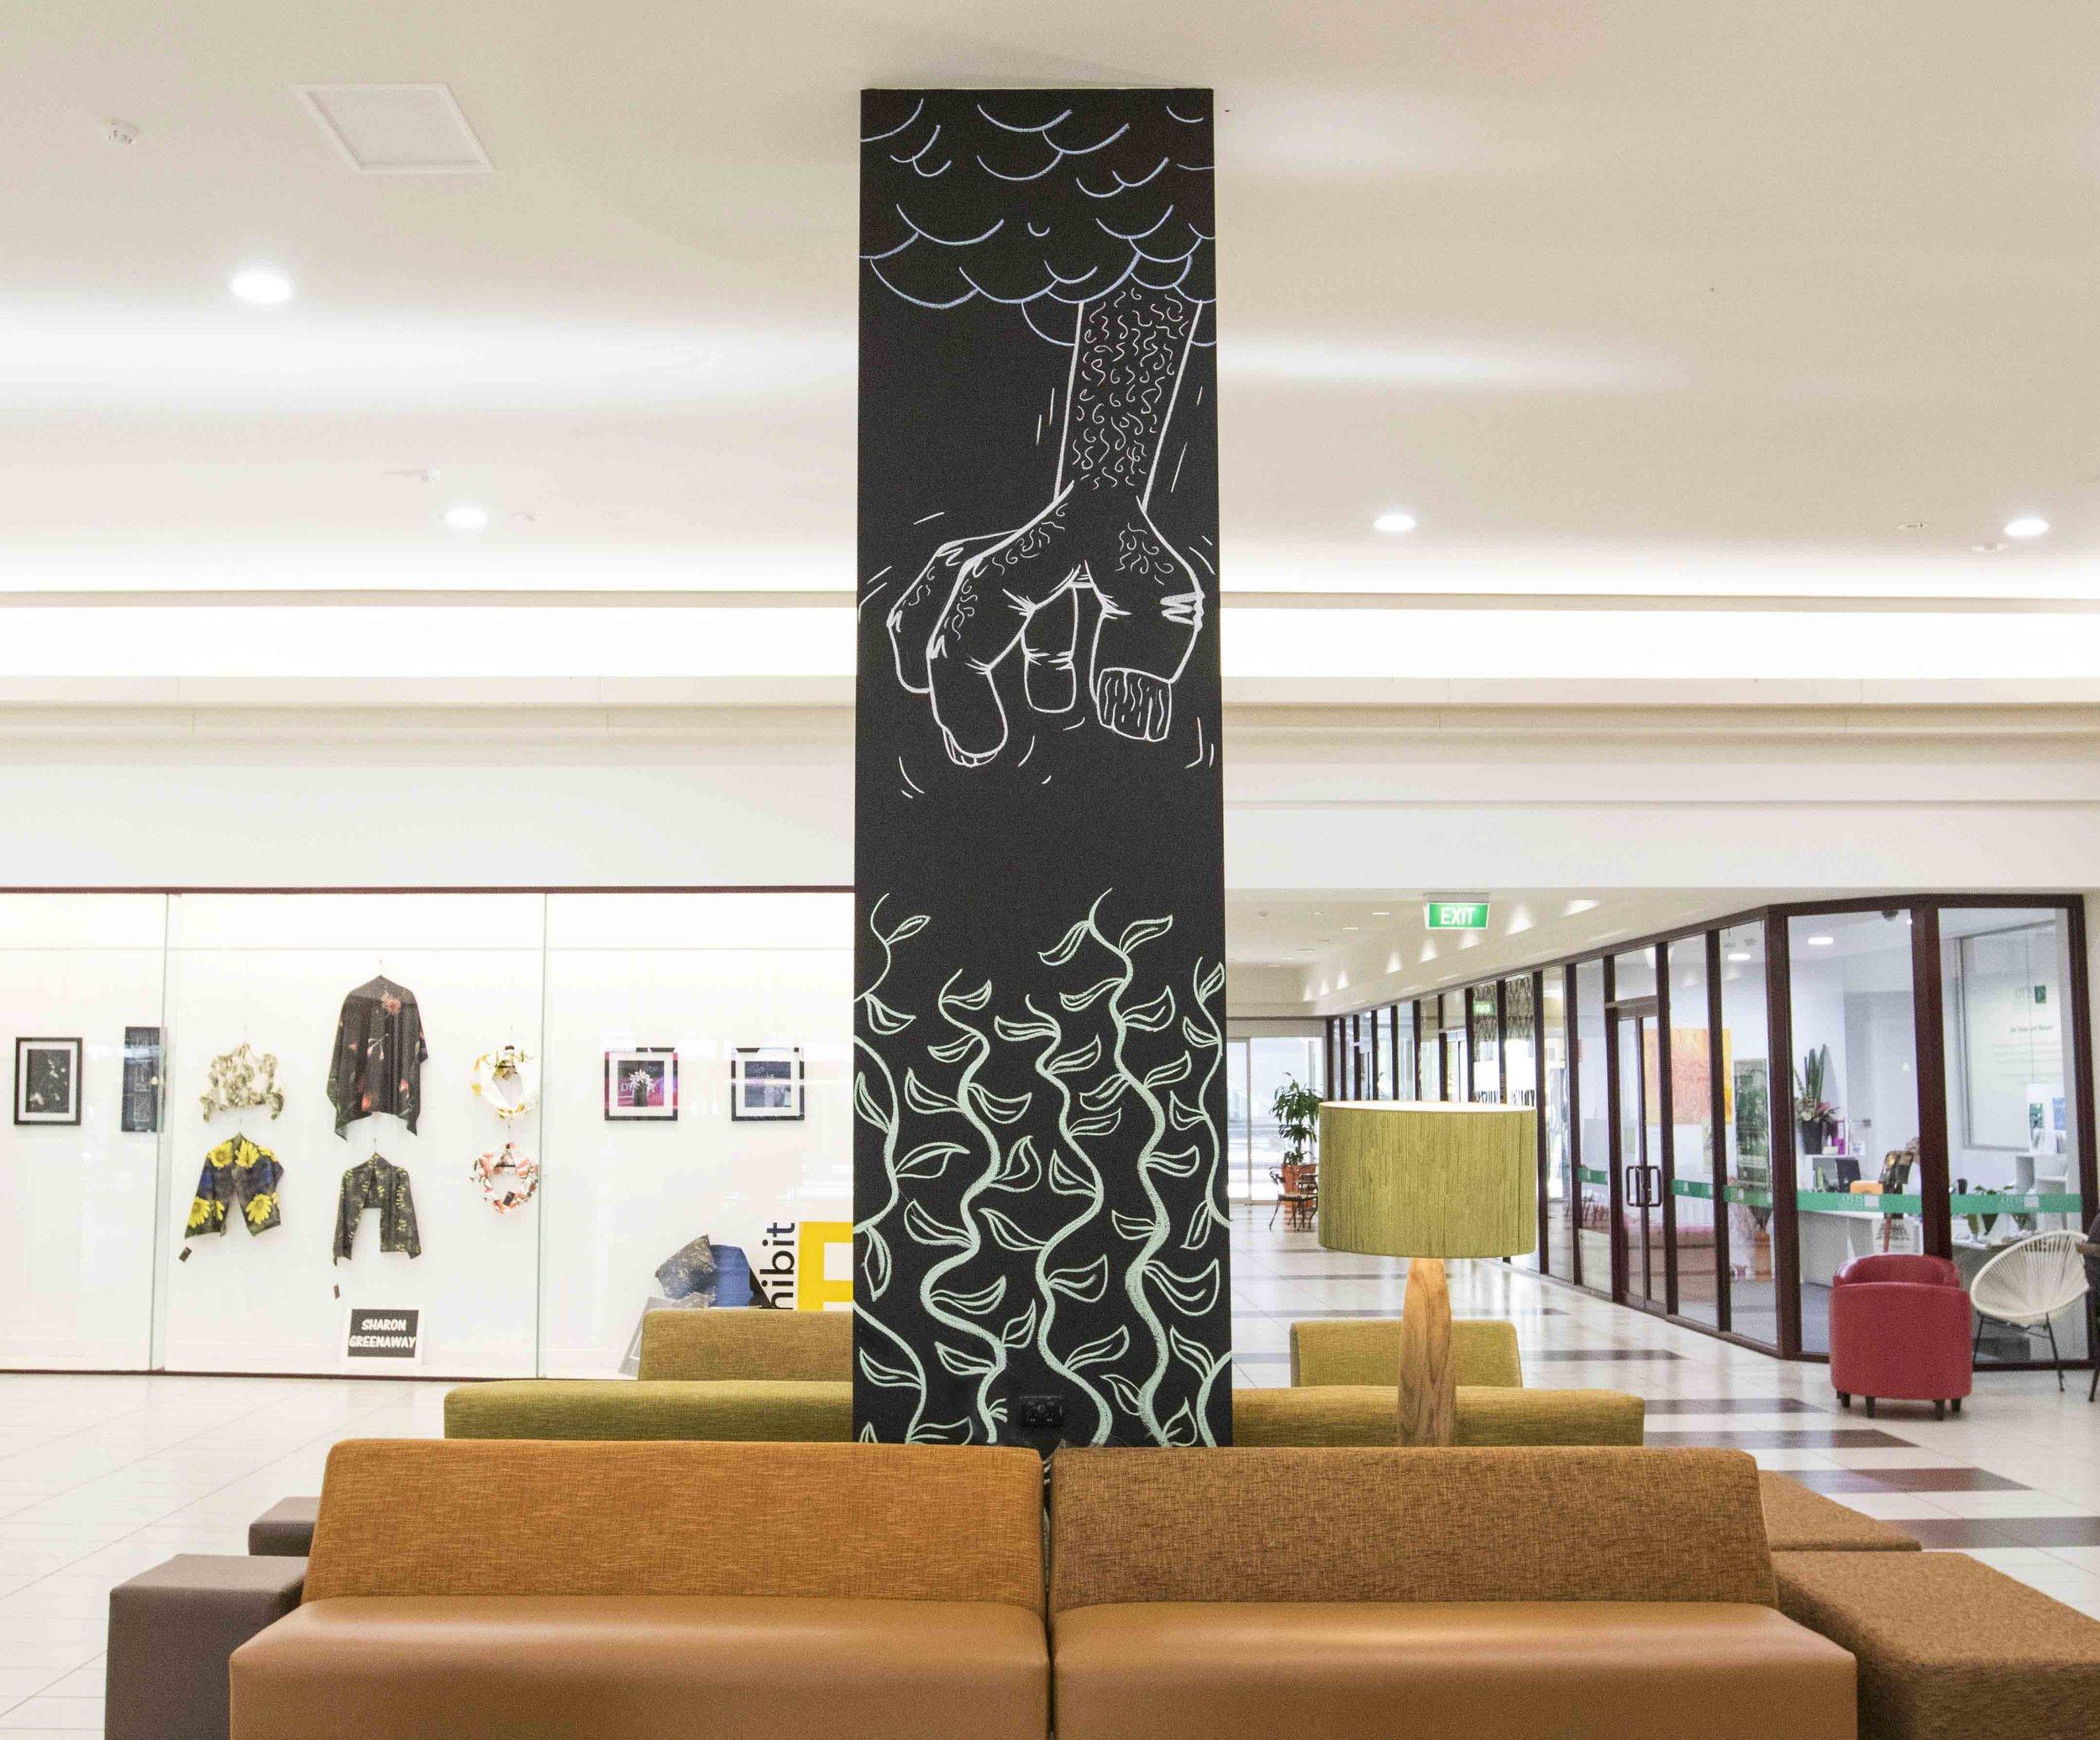 Bendigo-Bank-Chalk-Mural-artists